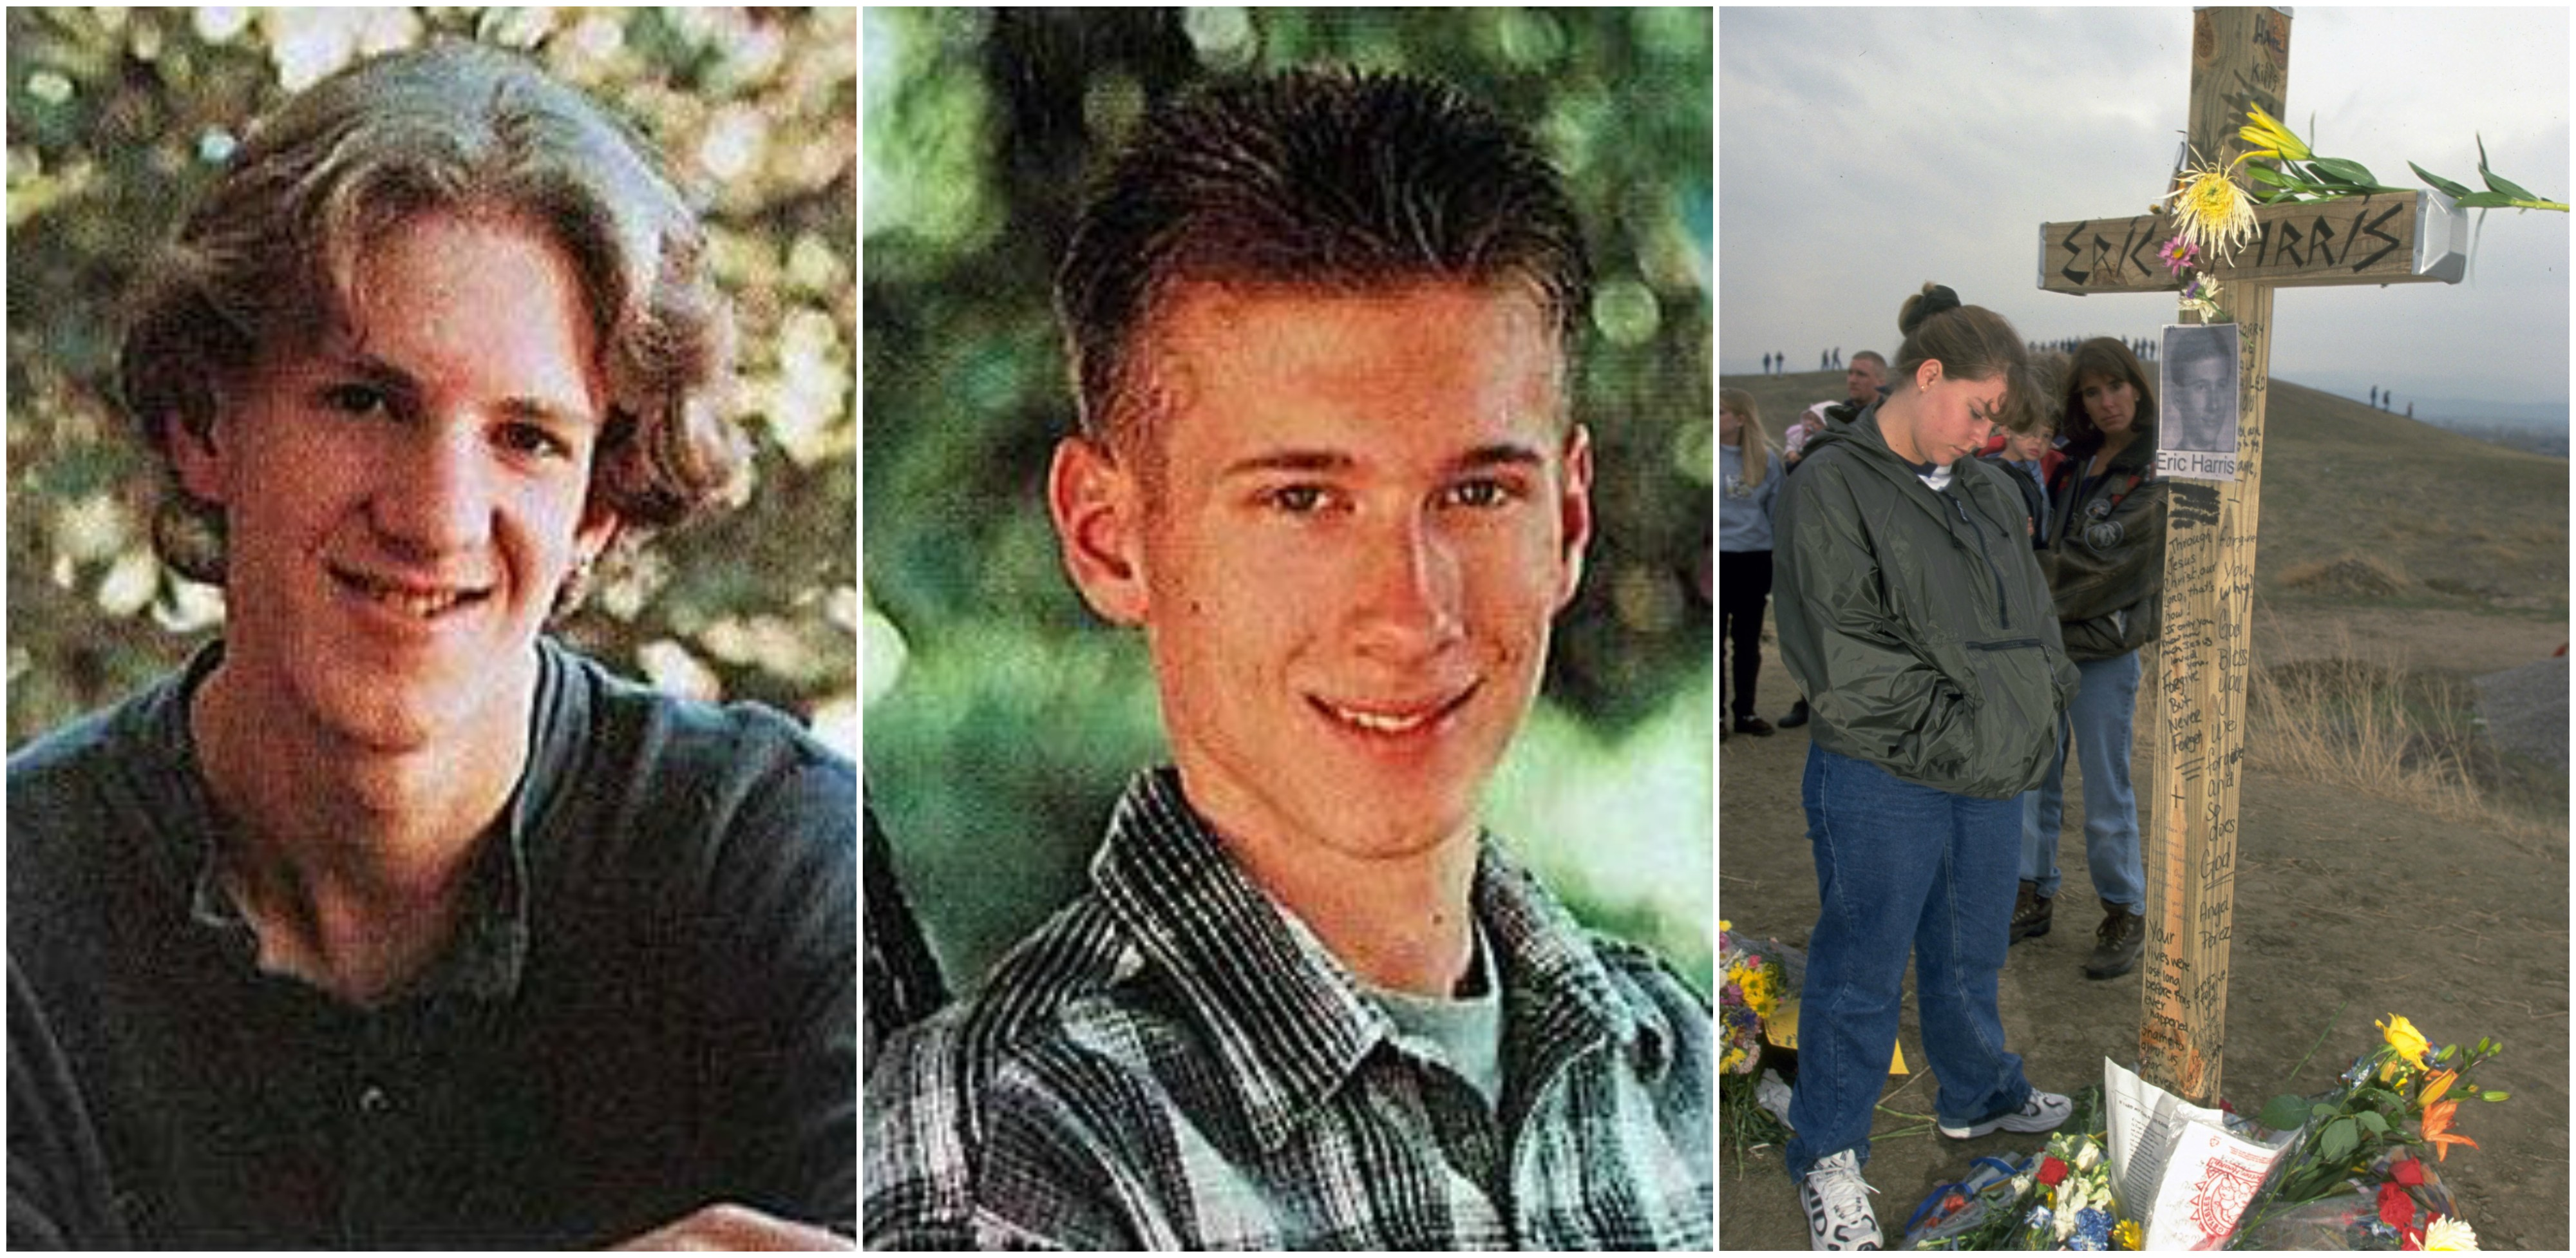 Od lewej: Dylan Klebold i Eric Harris. Po prawej miejsce upamiętniające ofiary obu nastolatków w Littleton w stanie Kolorado (fot. Wikimedia.org / Fair Use / Wikimedia.org / Fair Use / Eastnews)